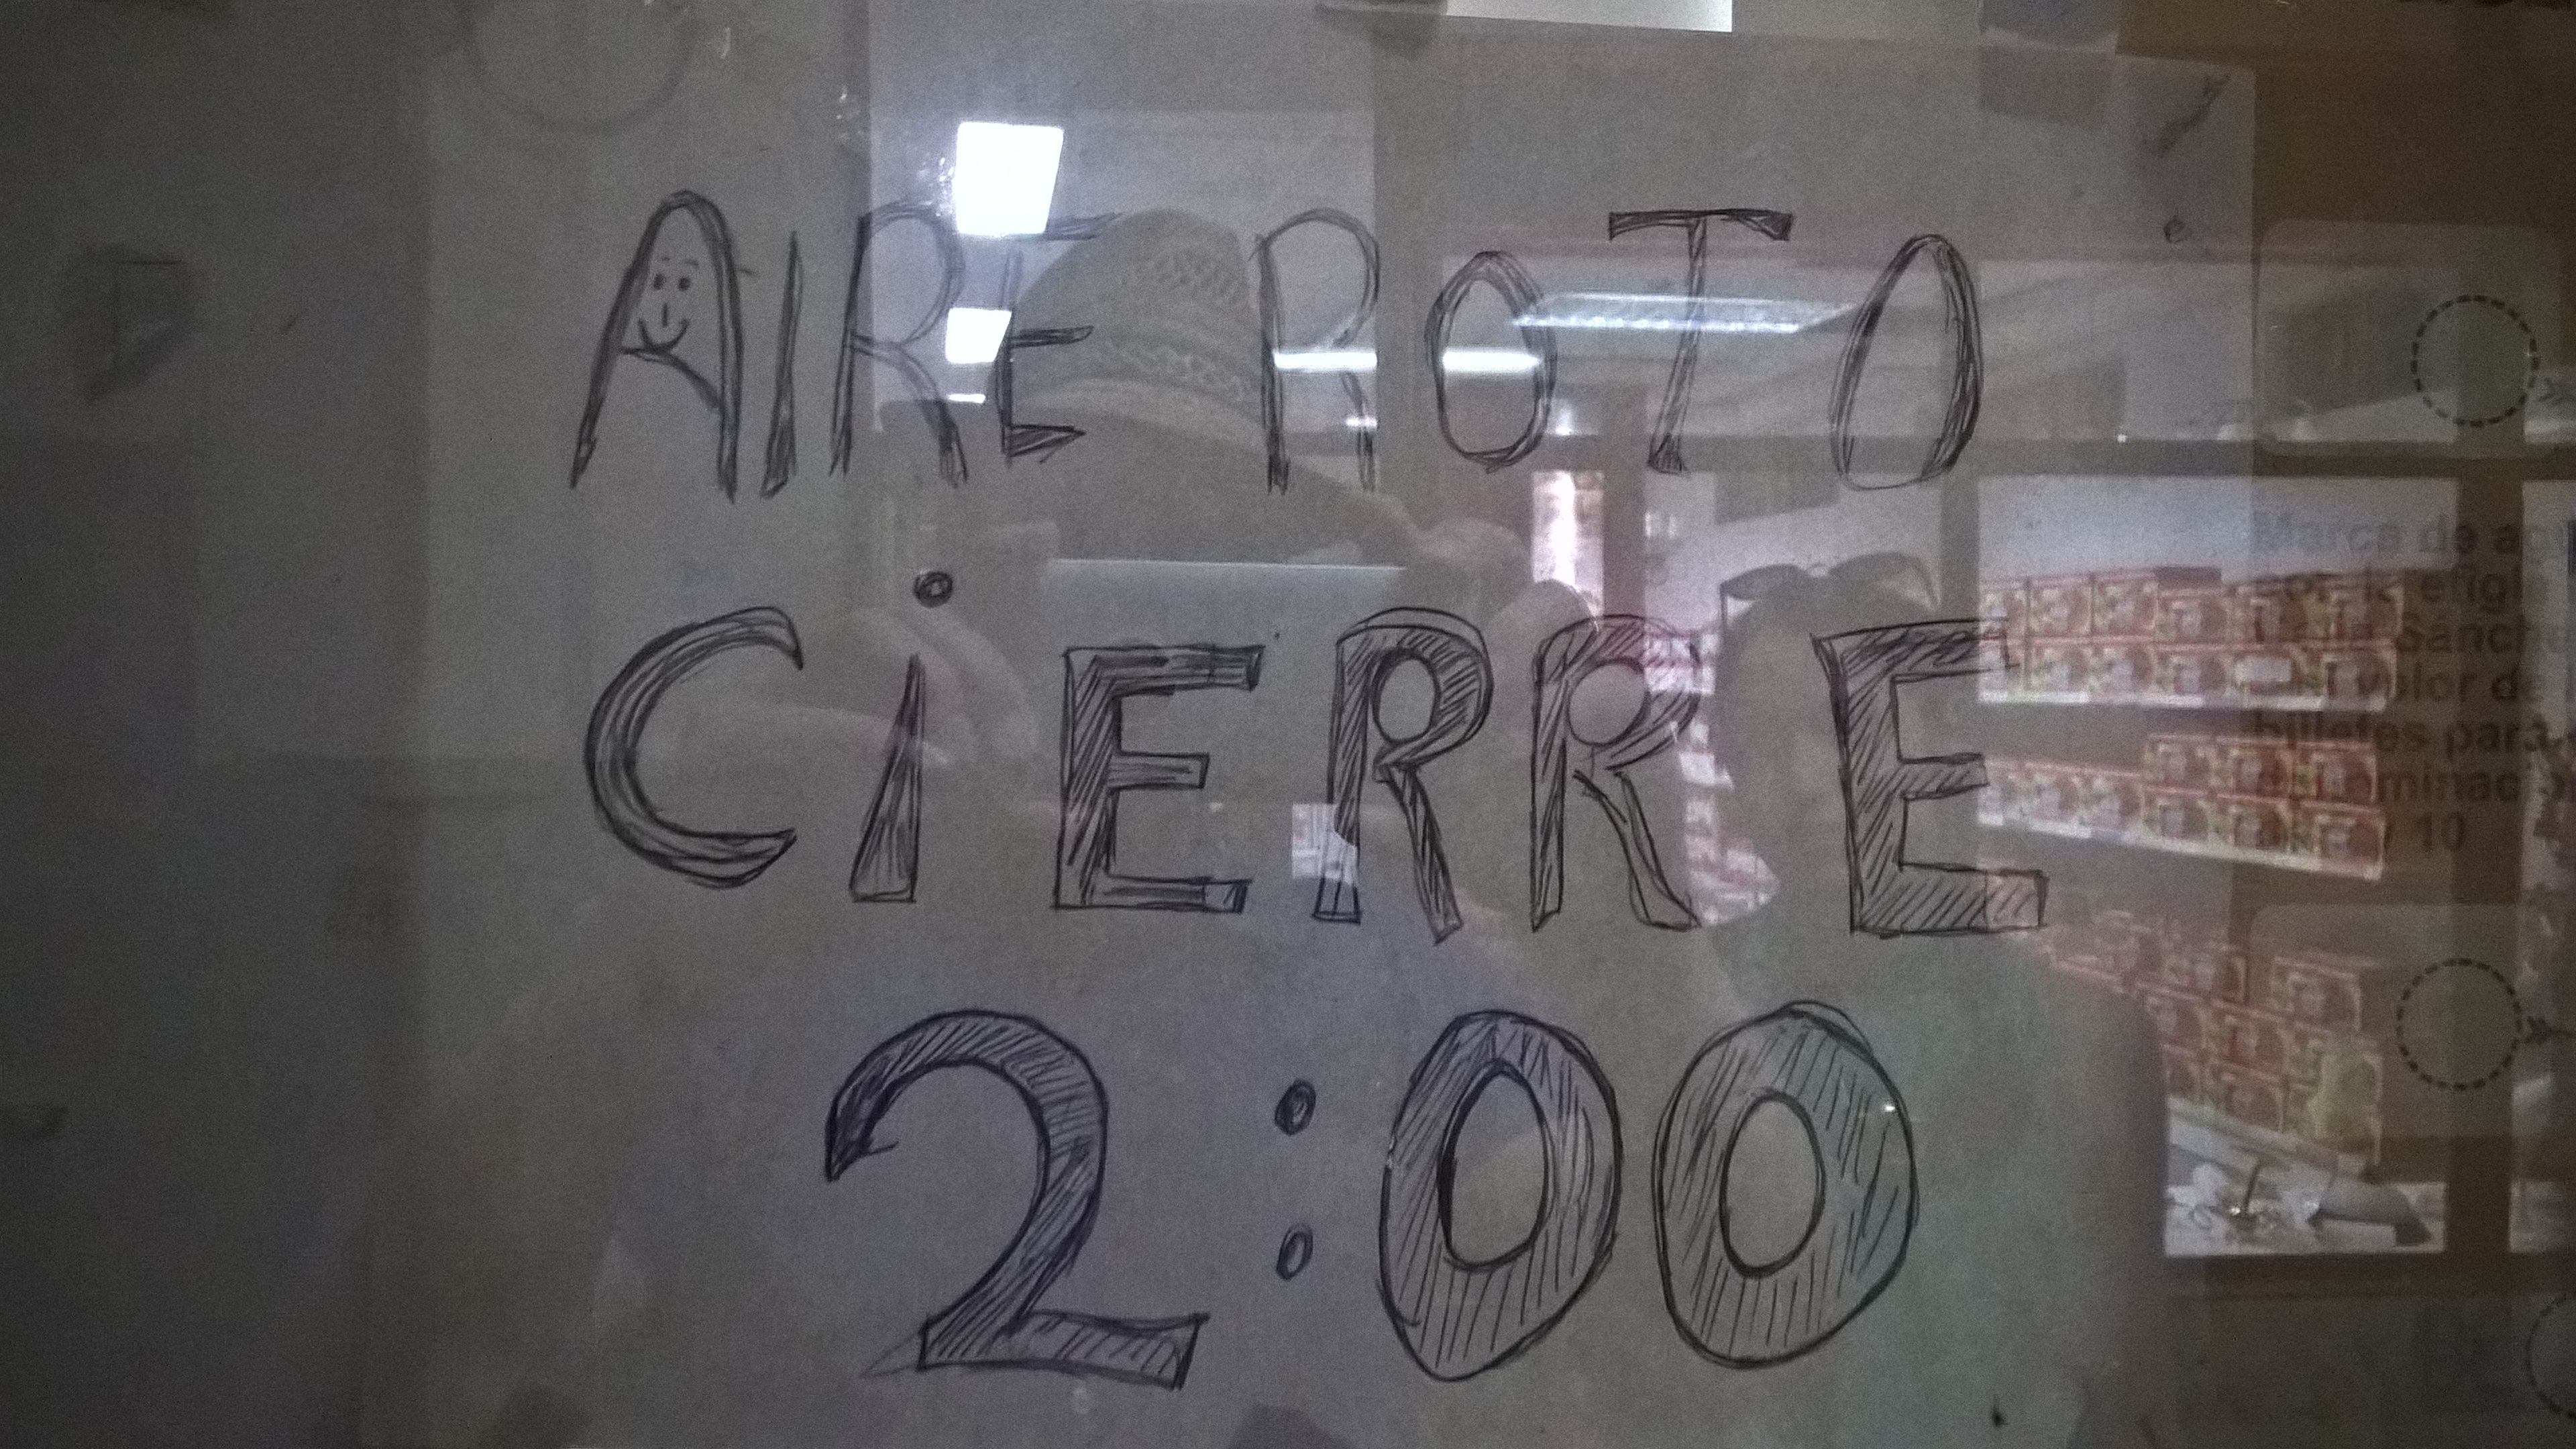 Ohne Aircondition keine Wechselstube - ist ja auch kein Arbeiten so im Warmen ;) - Schild in Wechselstube